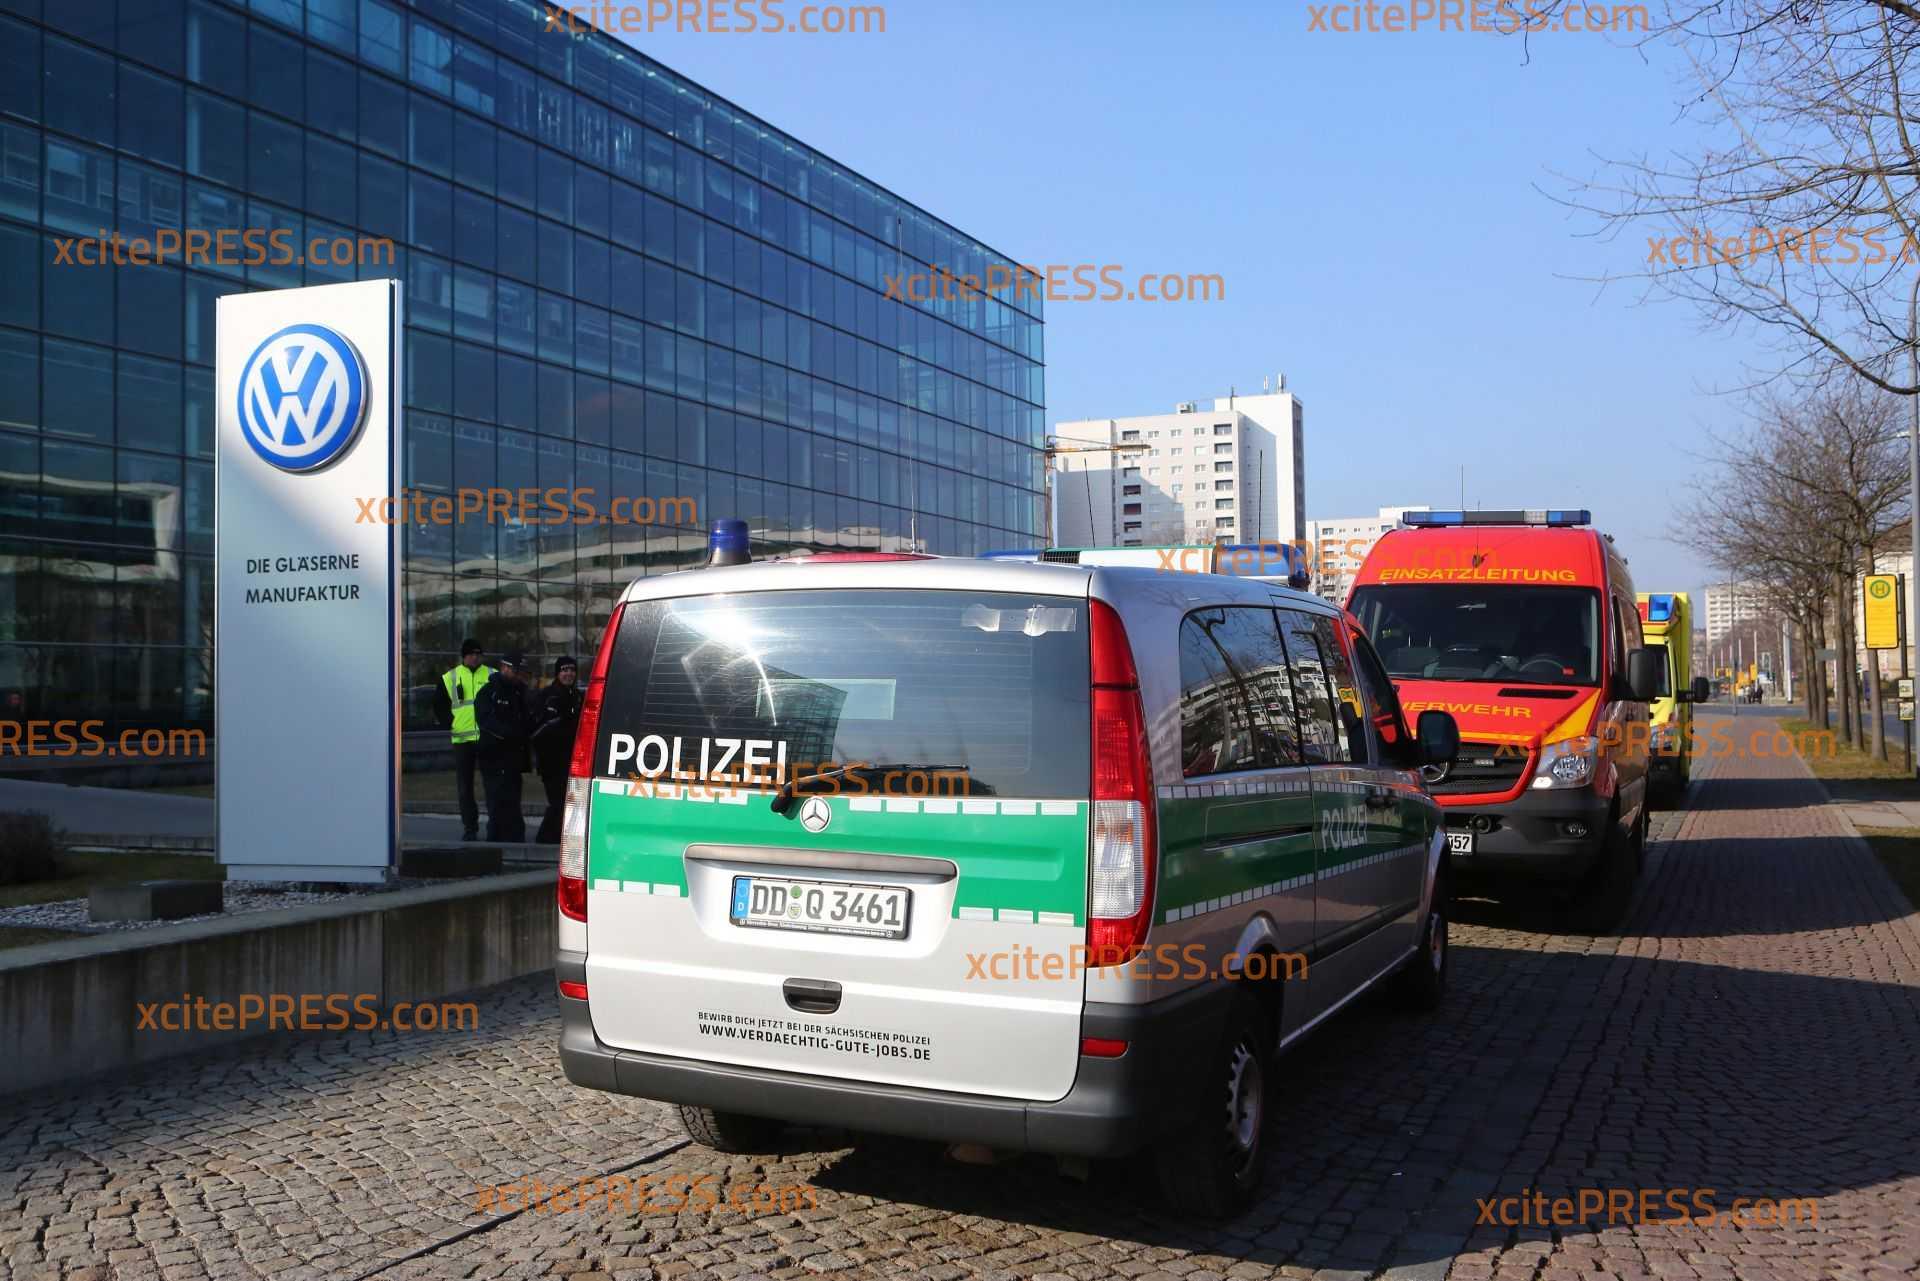 Aufregung an VW-Manufaktur: Brief mit weißem Pulver in Poststelle eingegangen: Feuerwehr stellt fest - ungefährlich